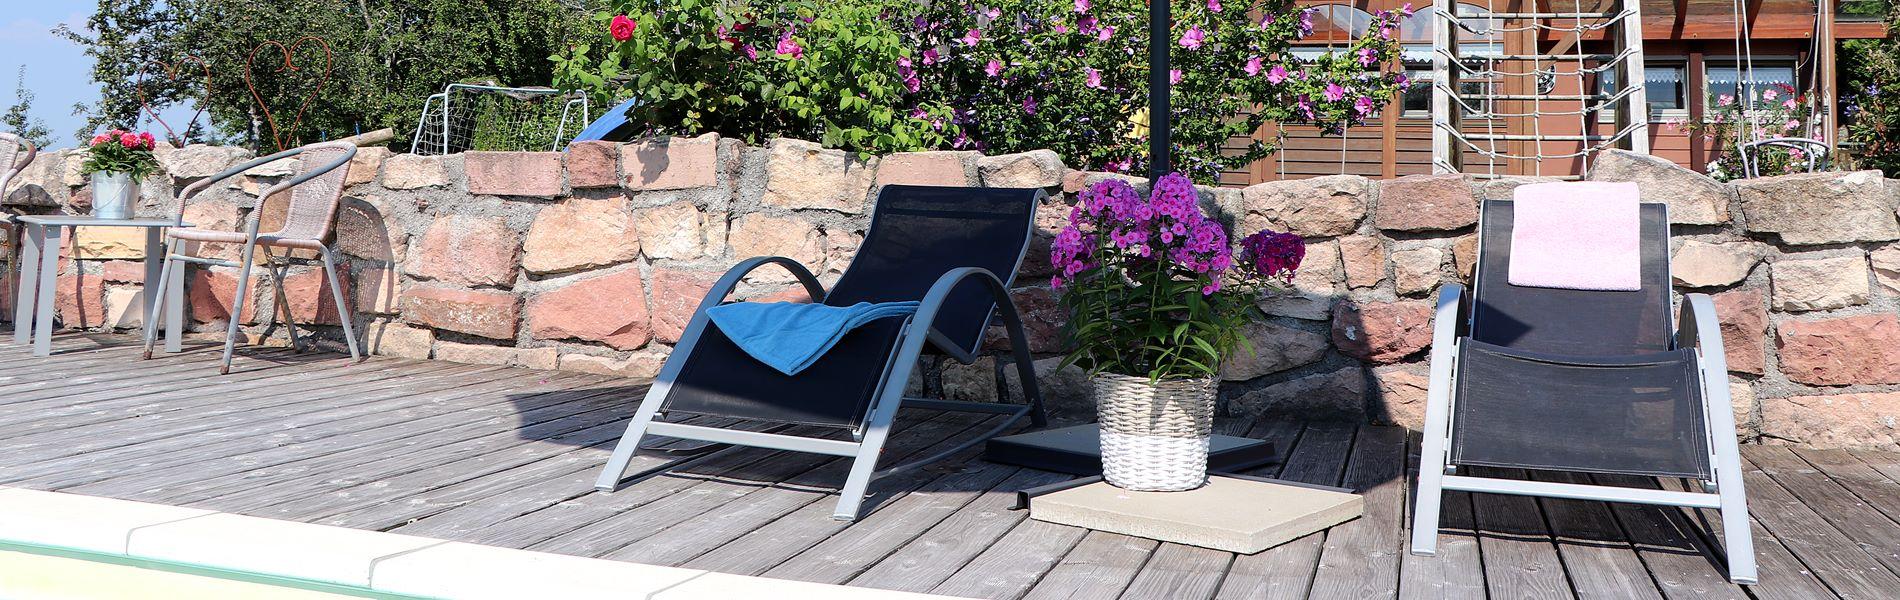 entspannung-ferienhof-buehrer